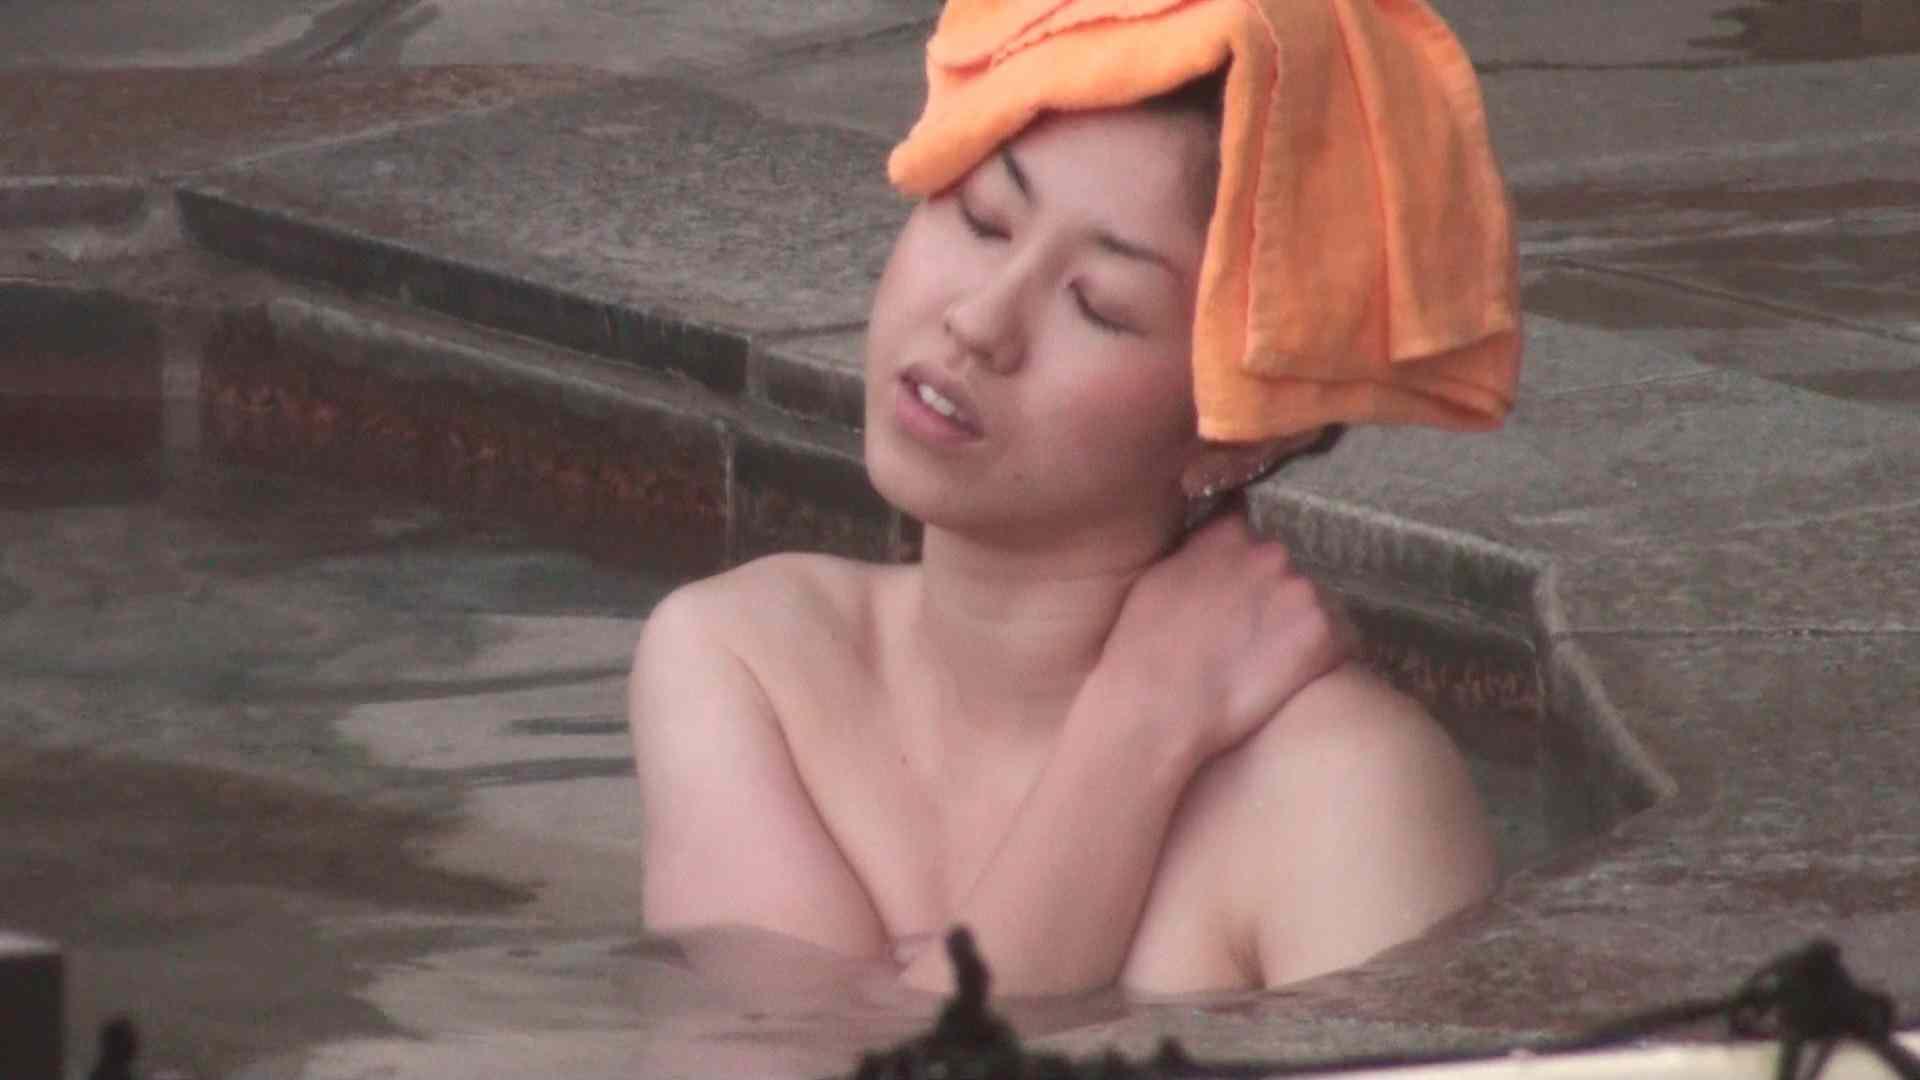 Aquaな露天風呂Vol.135 美しいOLの裸体 覗きおまんこ画像 105pic 47